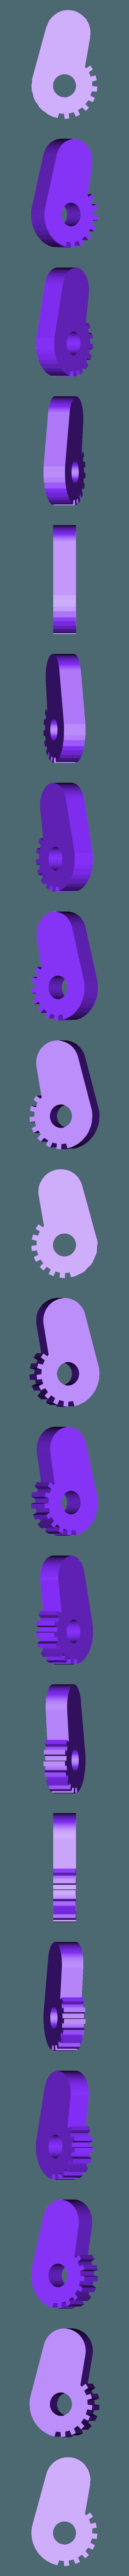 BackLeft.stl Download free STL file Funky turtle keychain • 3D print design, DK7